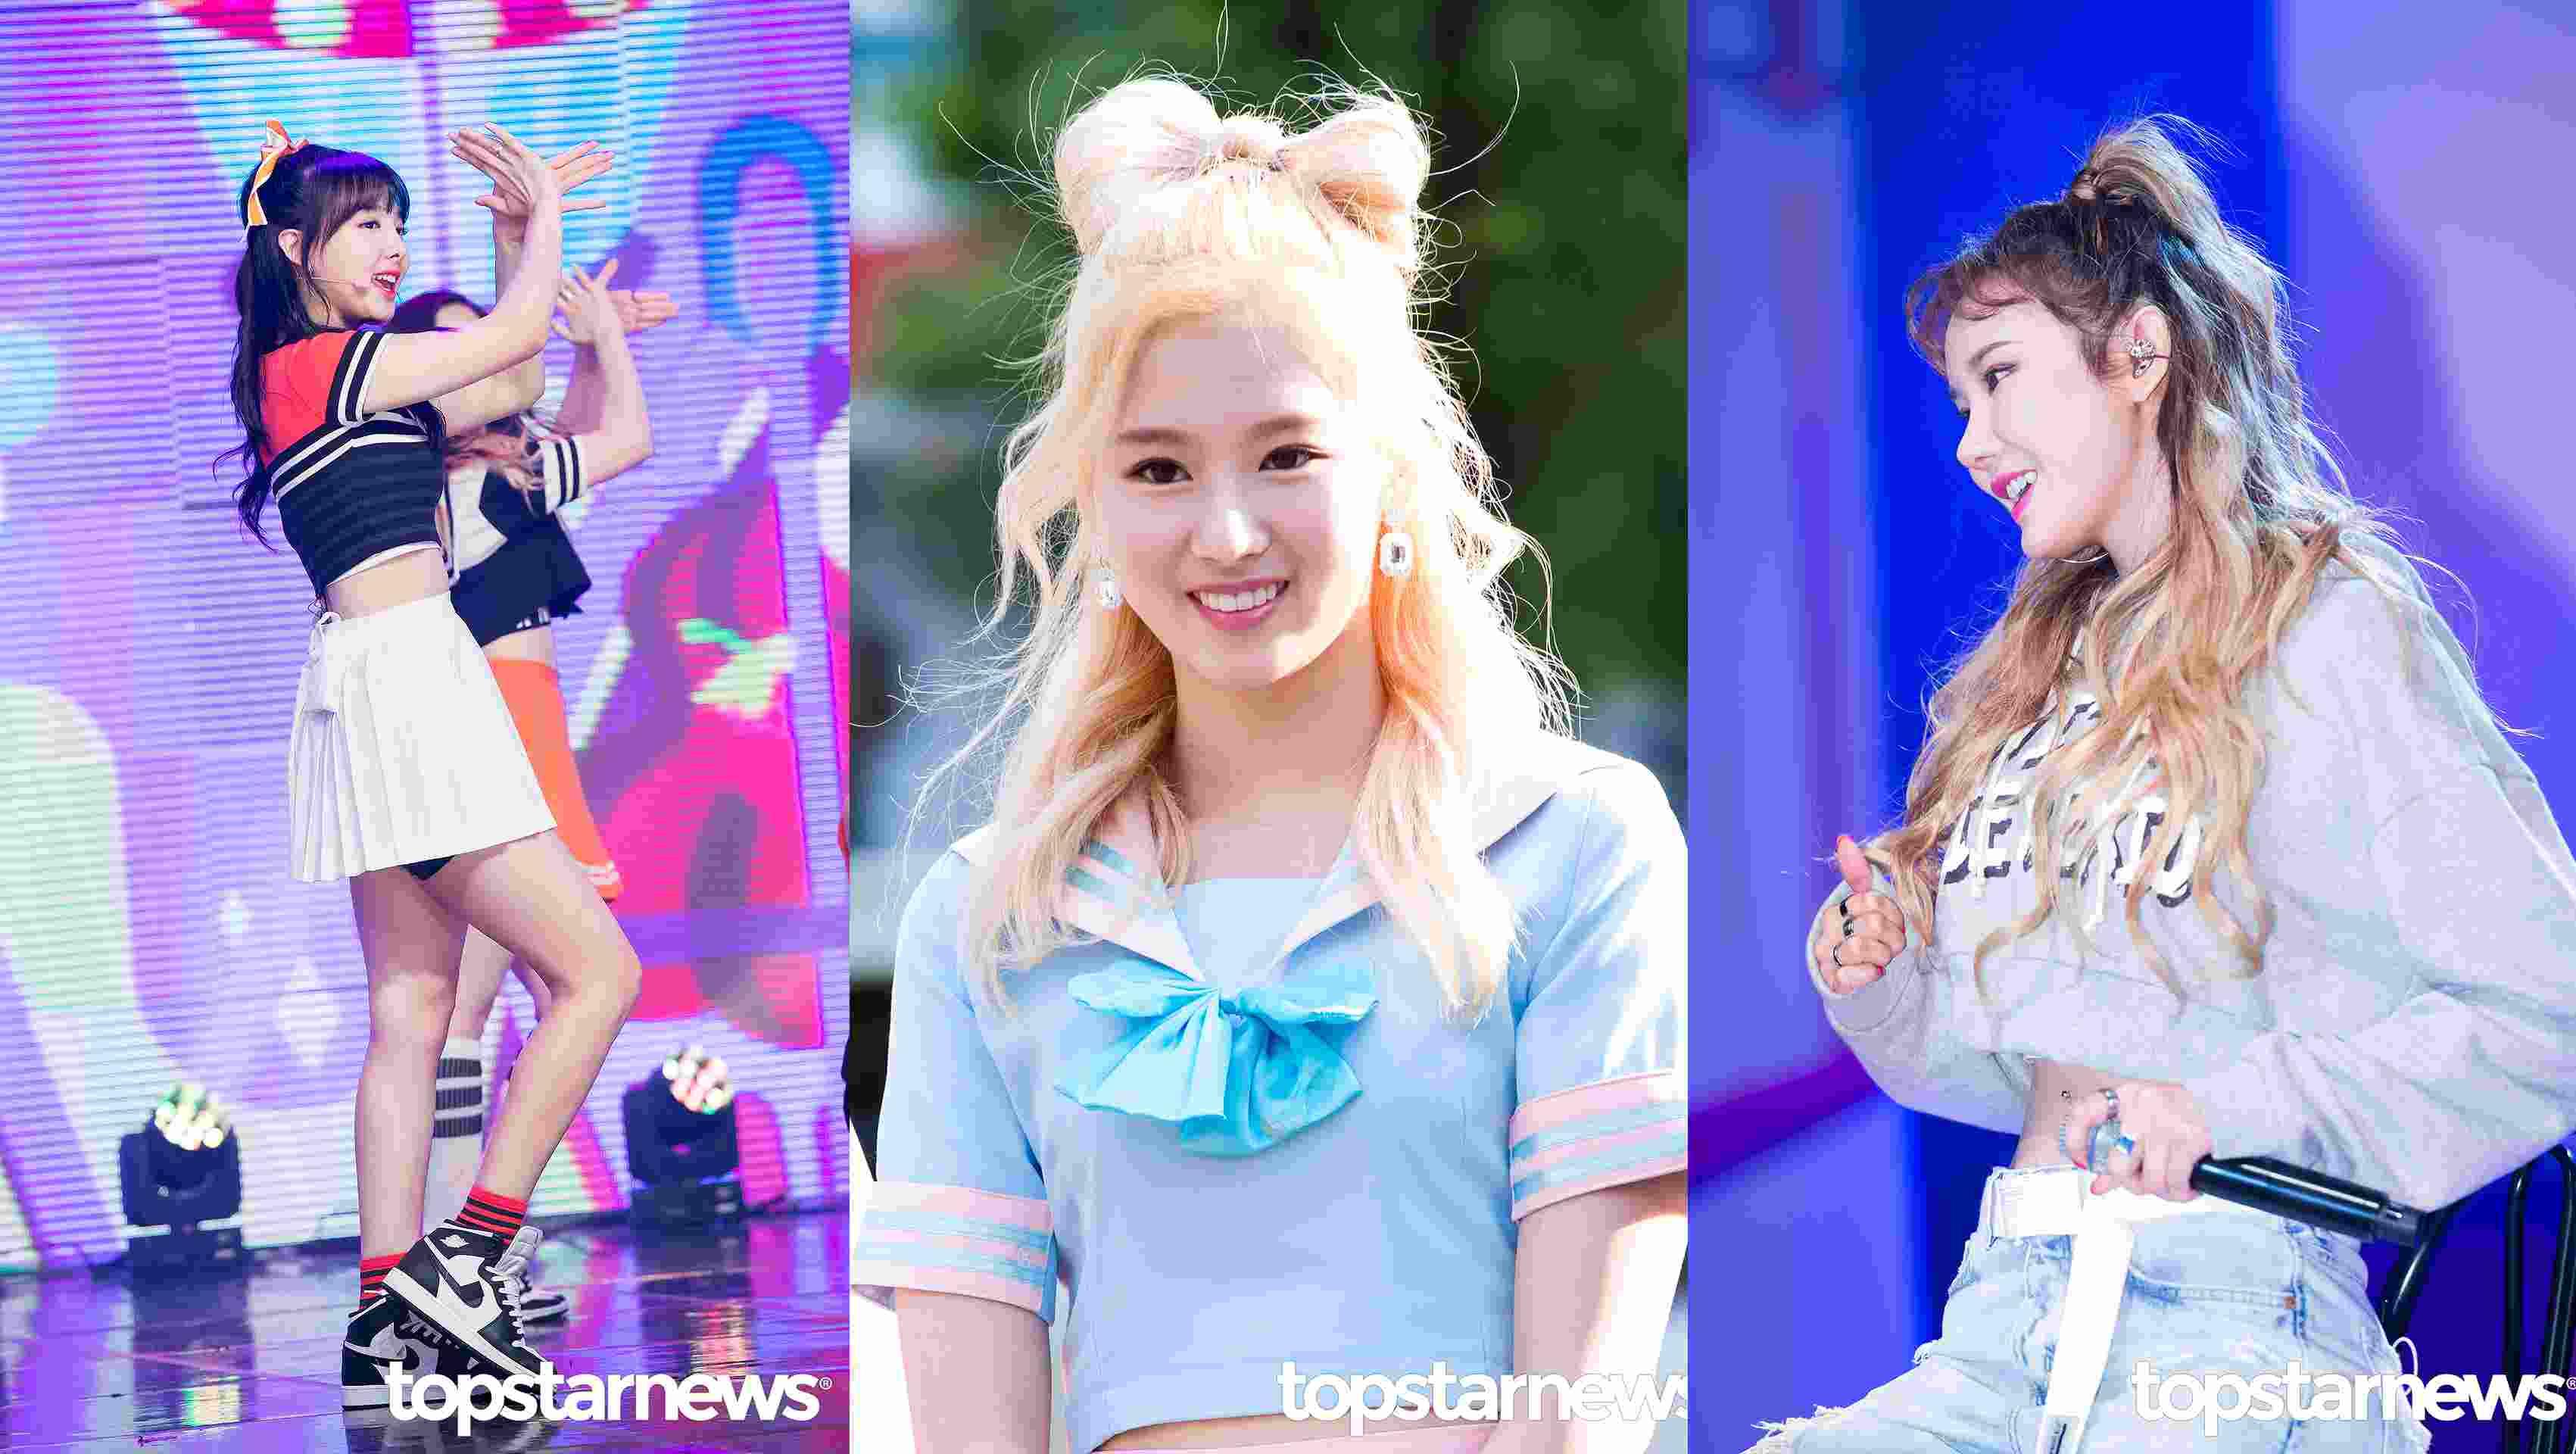 ★★★★★公主頭 自從Sana在<CHEER UP>裡帶火了公主頭,不僅在偶像間刮起了公主頭風,而LE更是把公主頭詮釋出了帥氣風,很多韓妞也都在模仿。